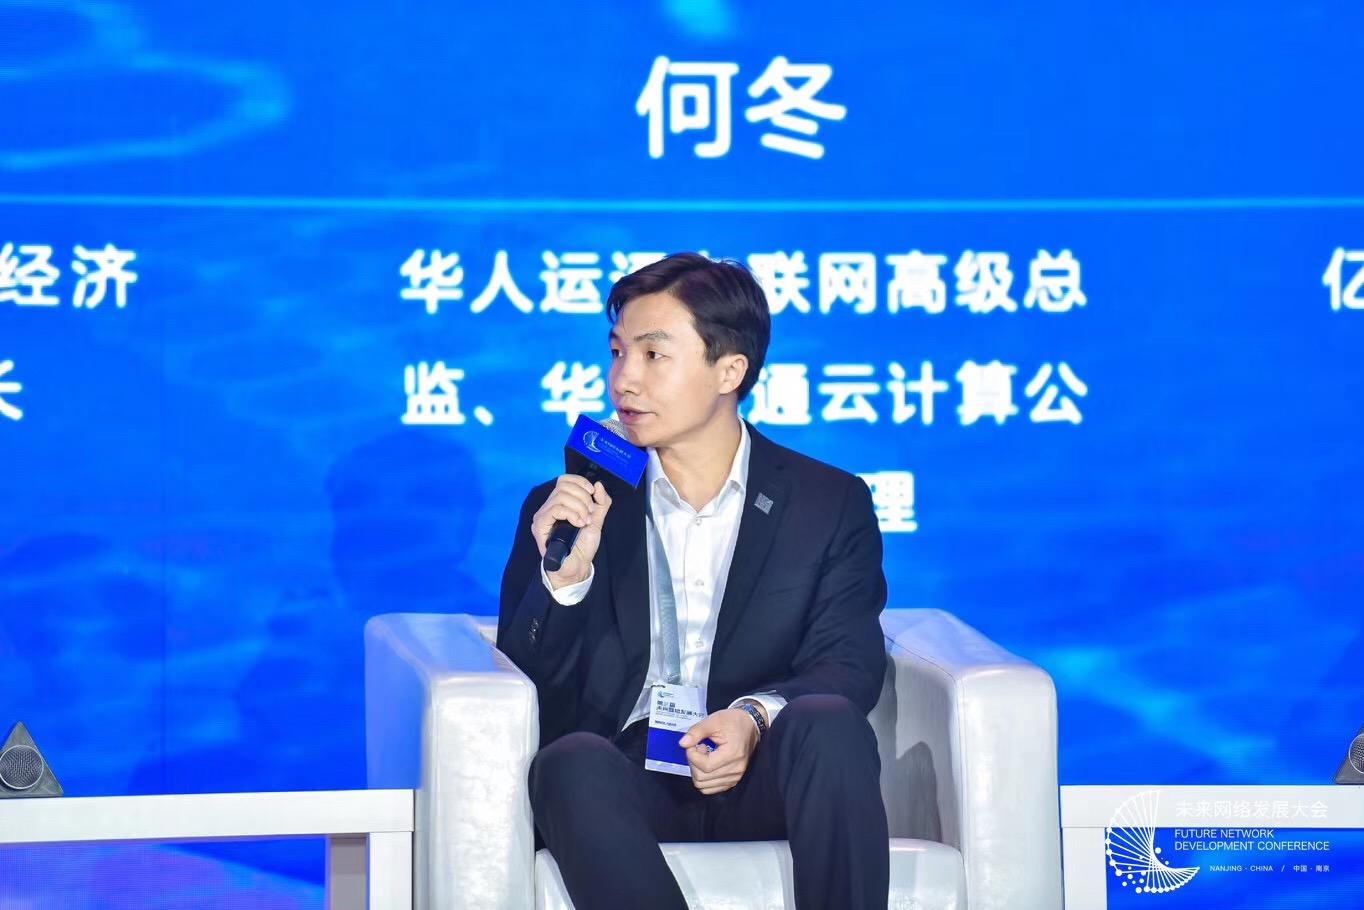 华人运通车联网高级总监何冬